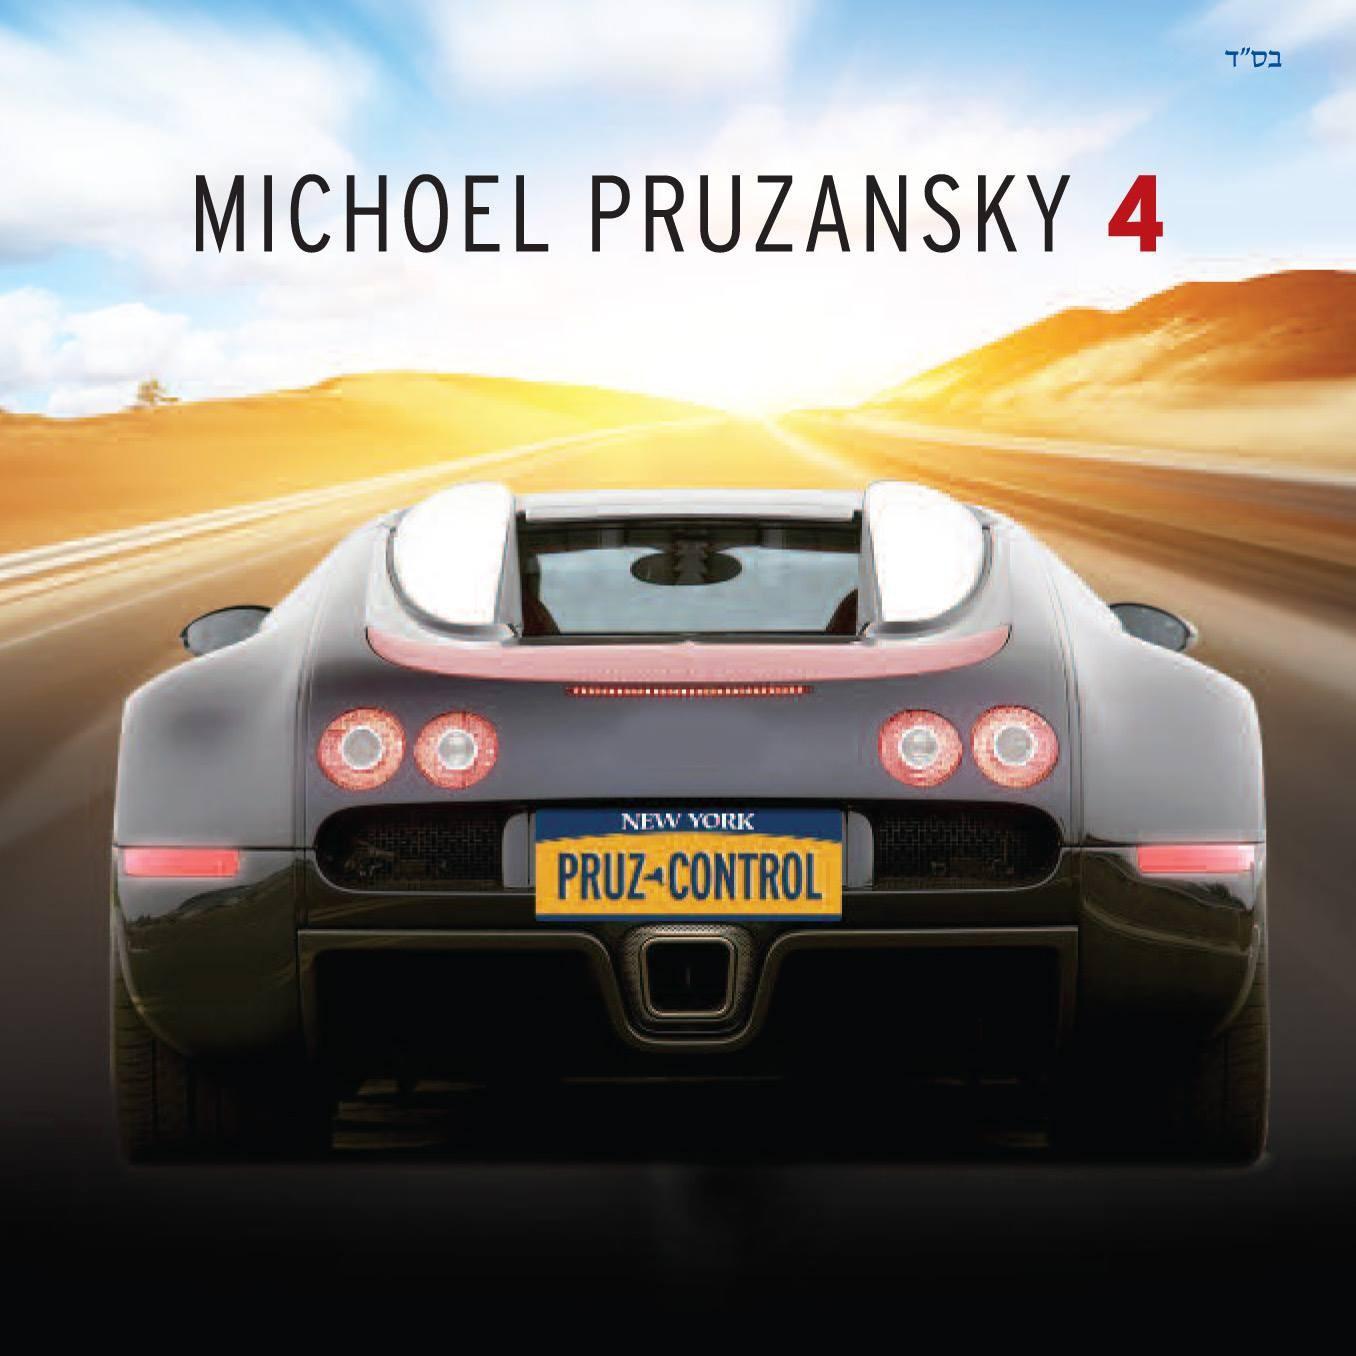 Michoel Pruzansky - Pruz Control (2014)